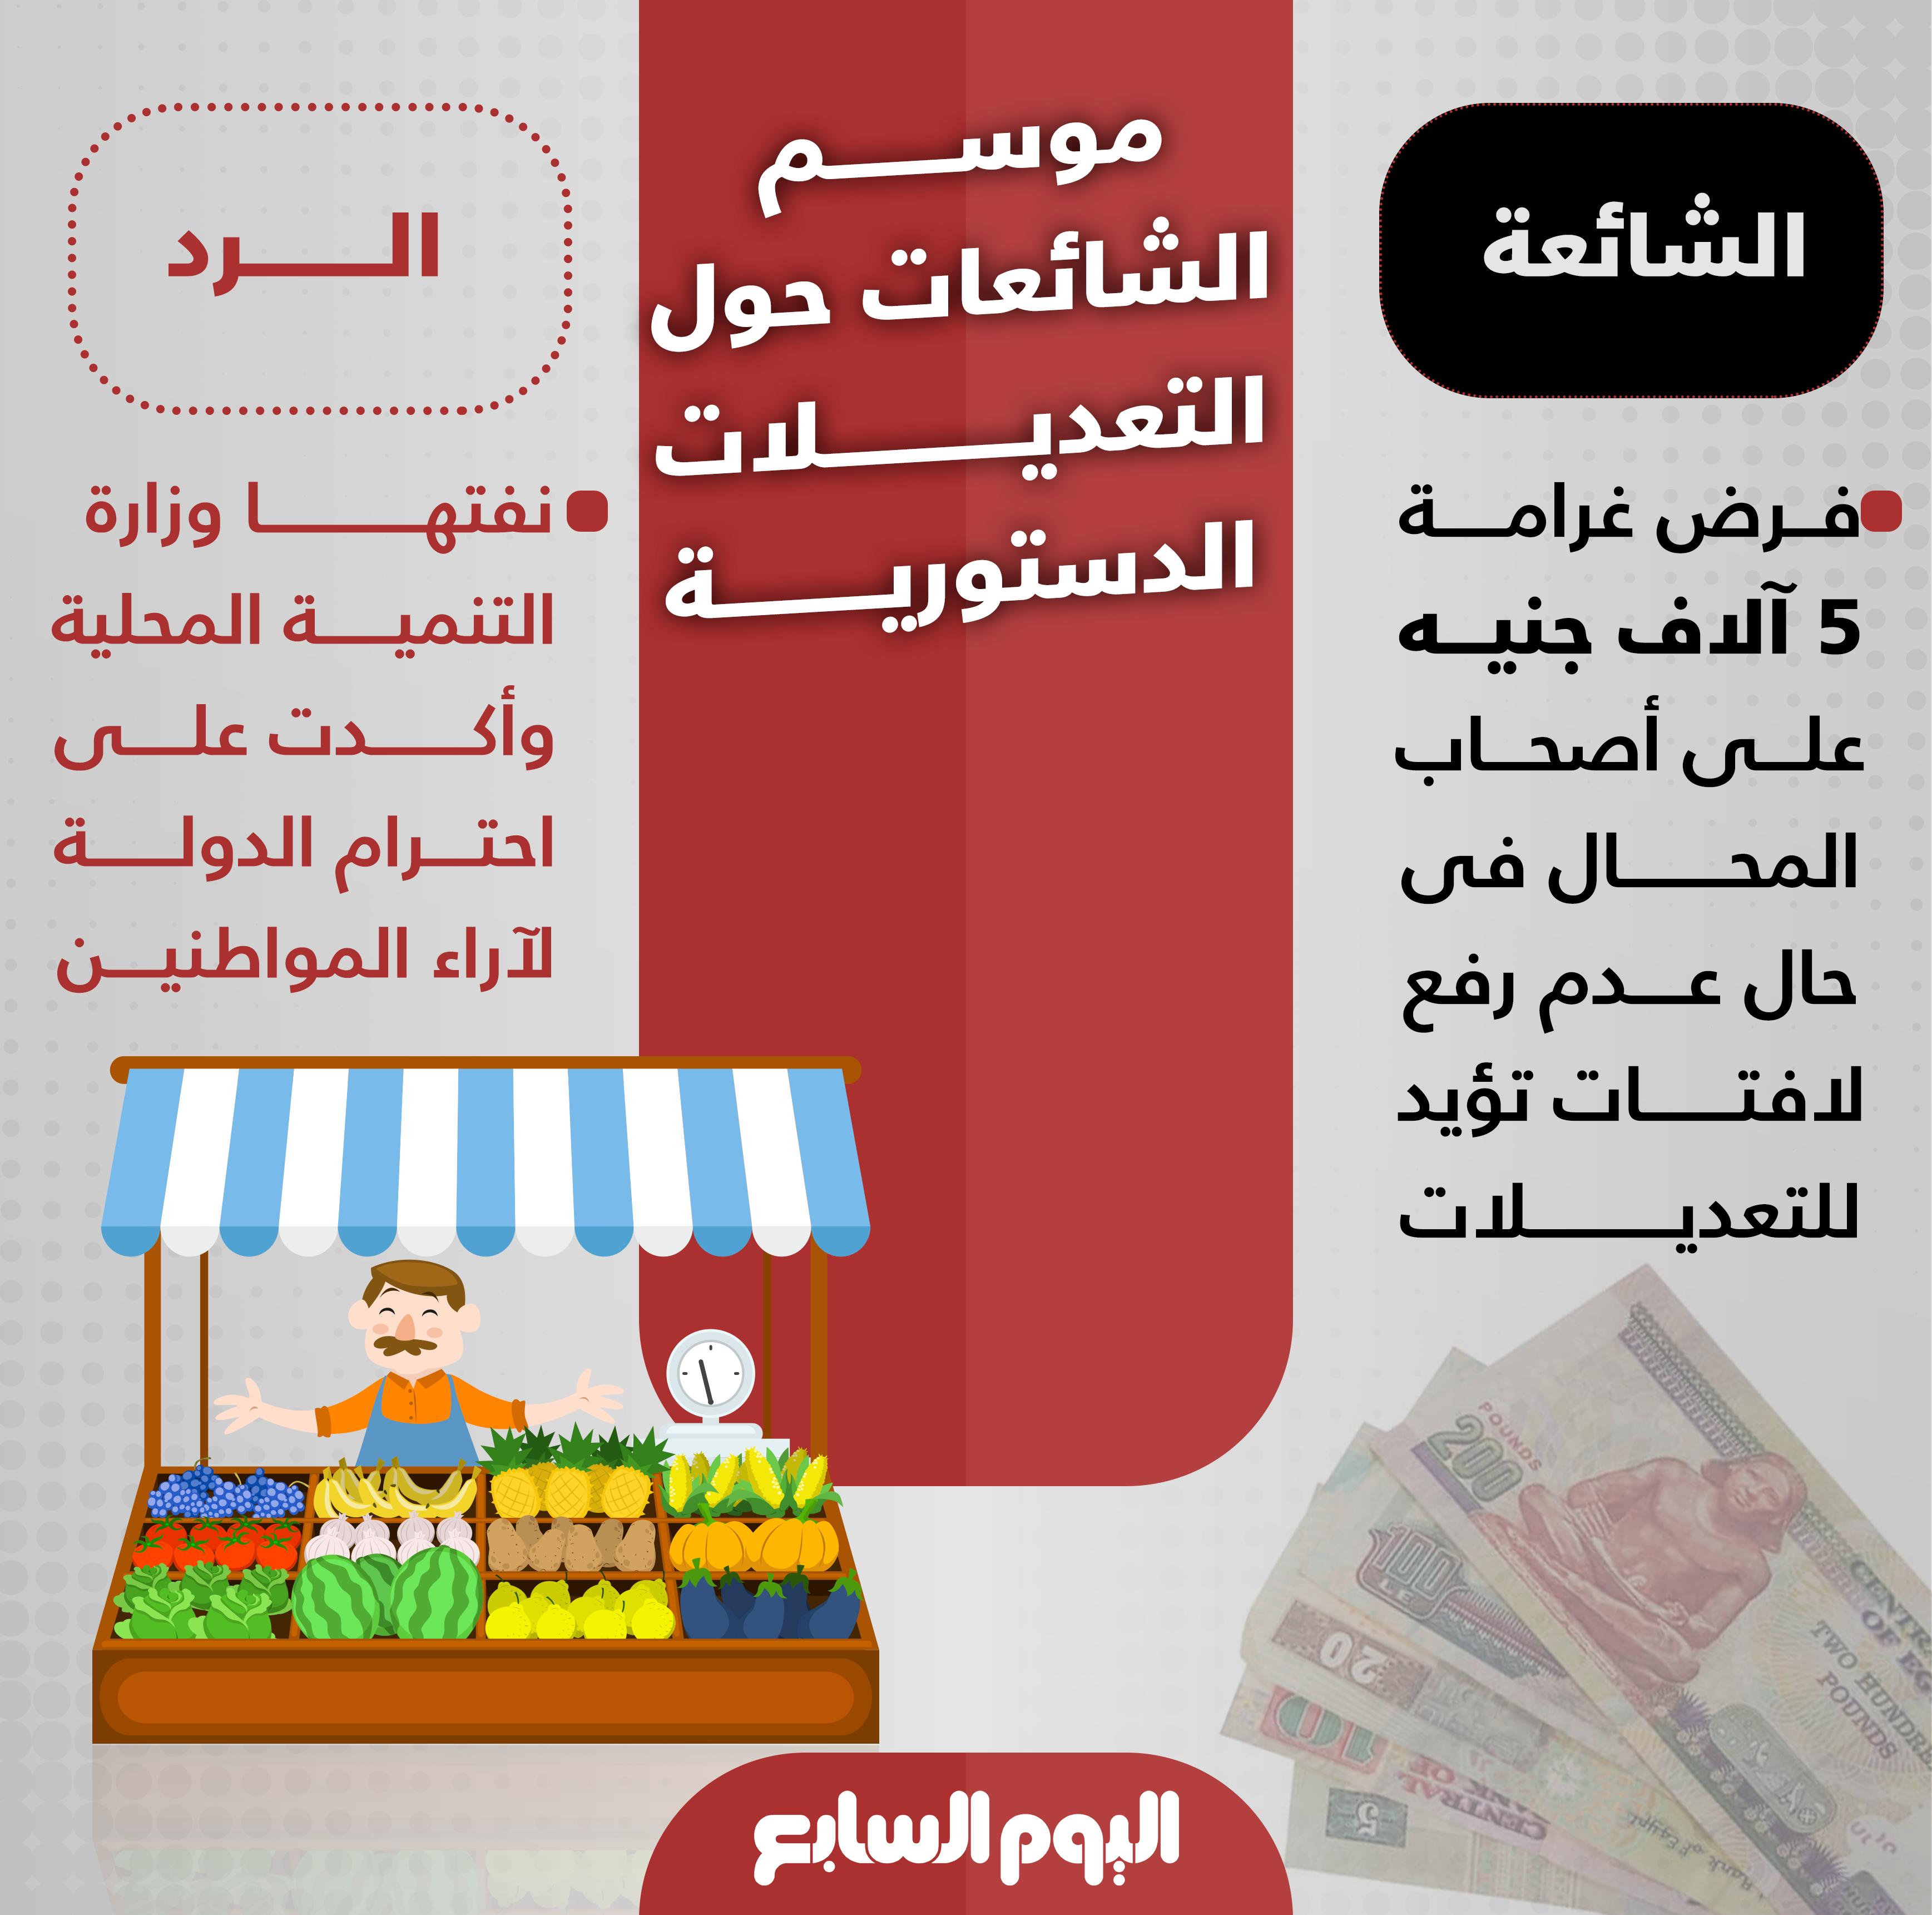 الشائعات حول تعديلات الدستور (4)